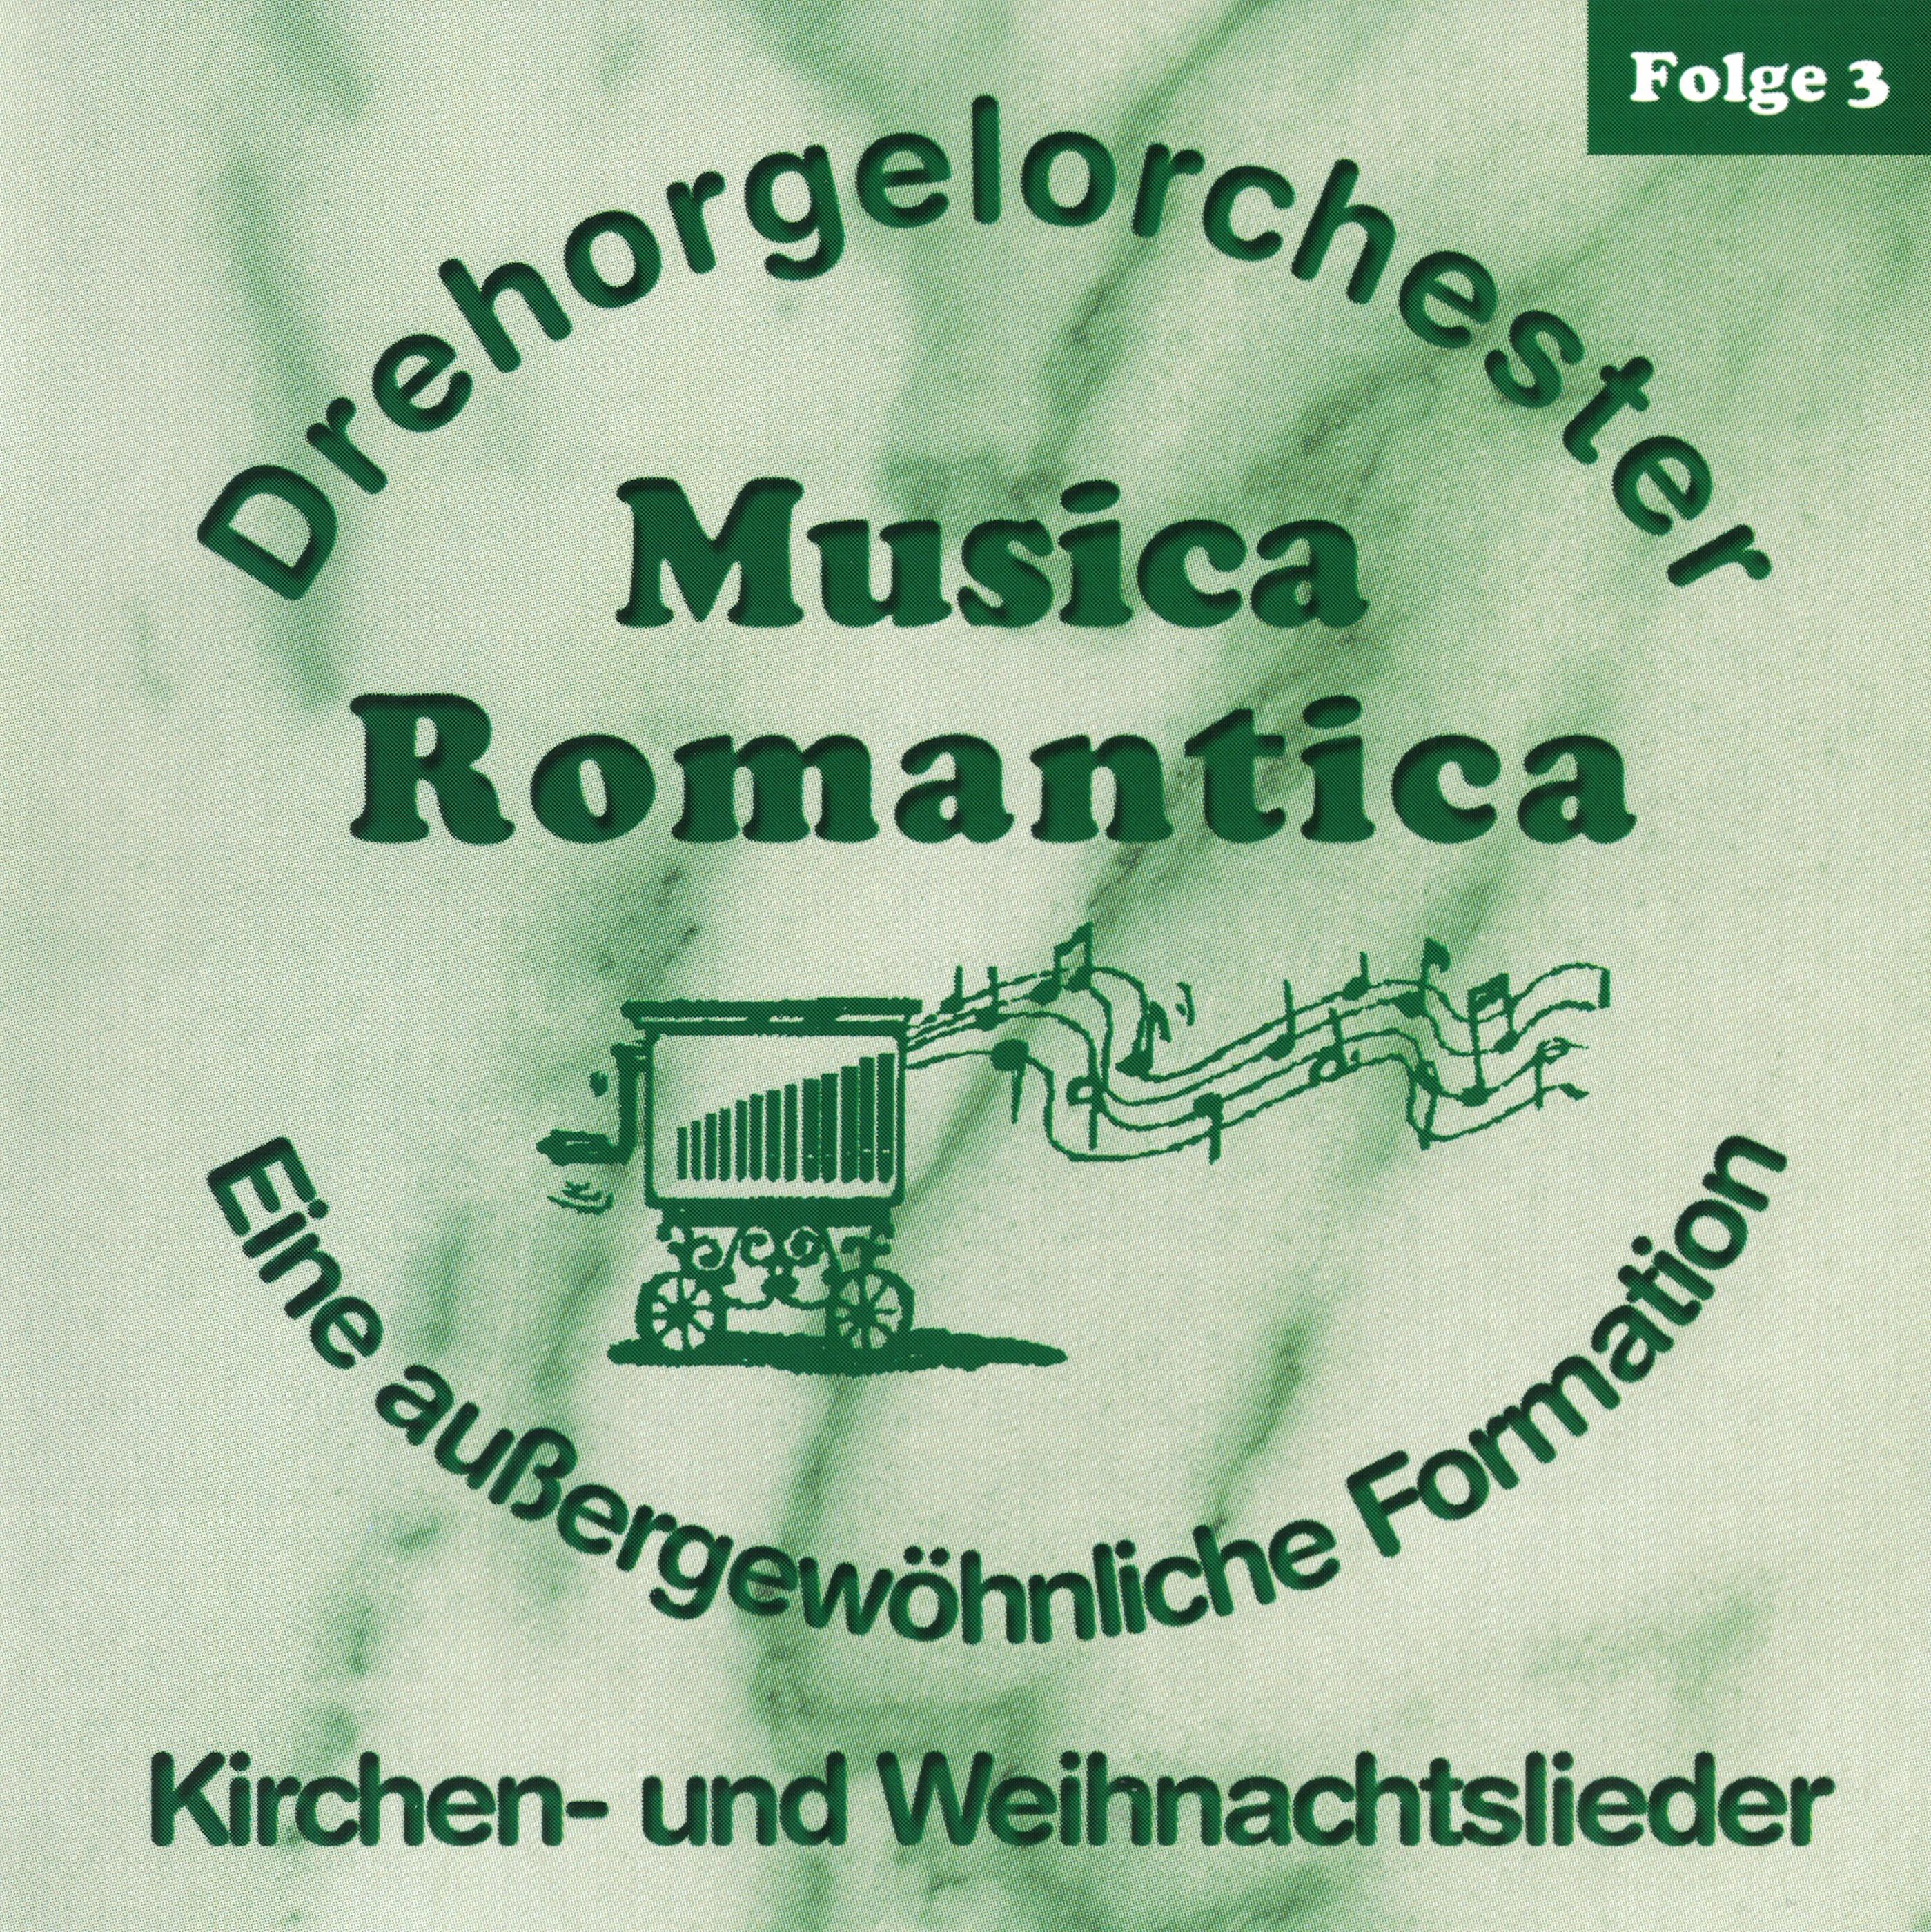 Weihnachtslieder Kirche.Musica Romantica Folge 3 Kirchen Und Weihnachtslieder